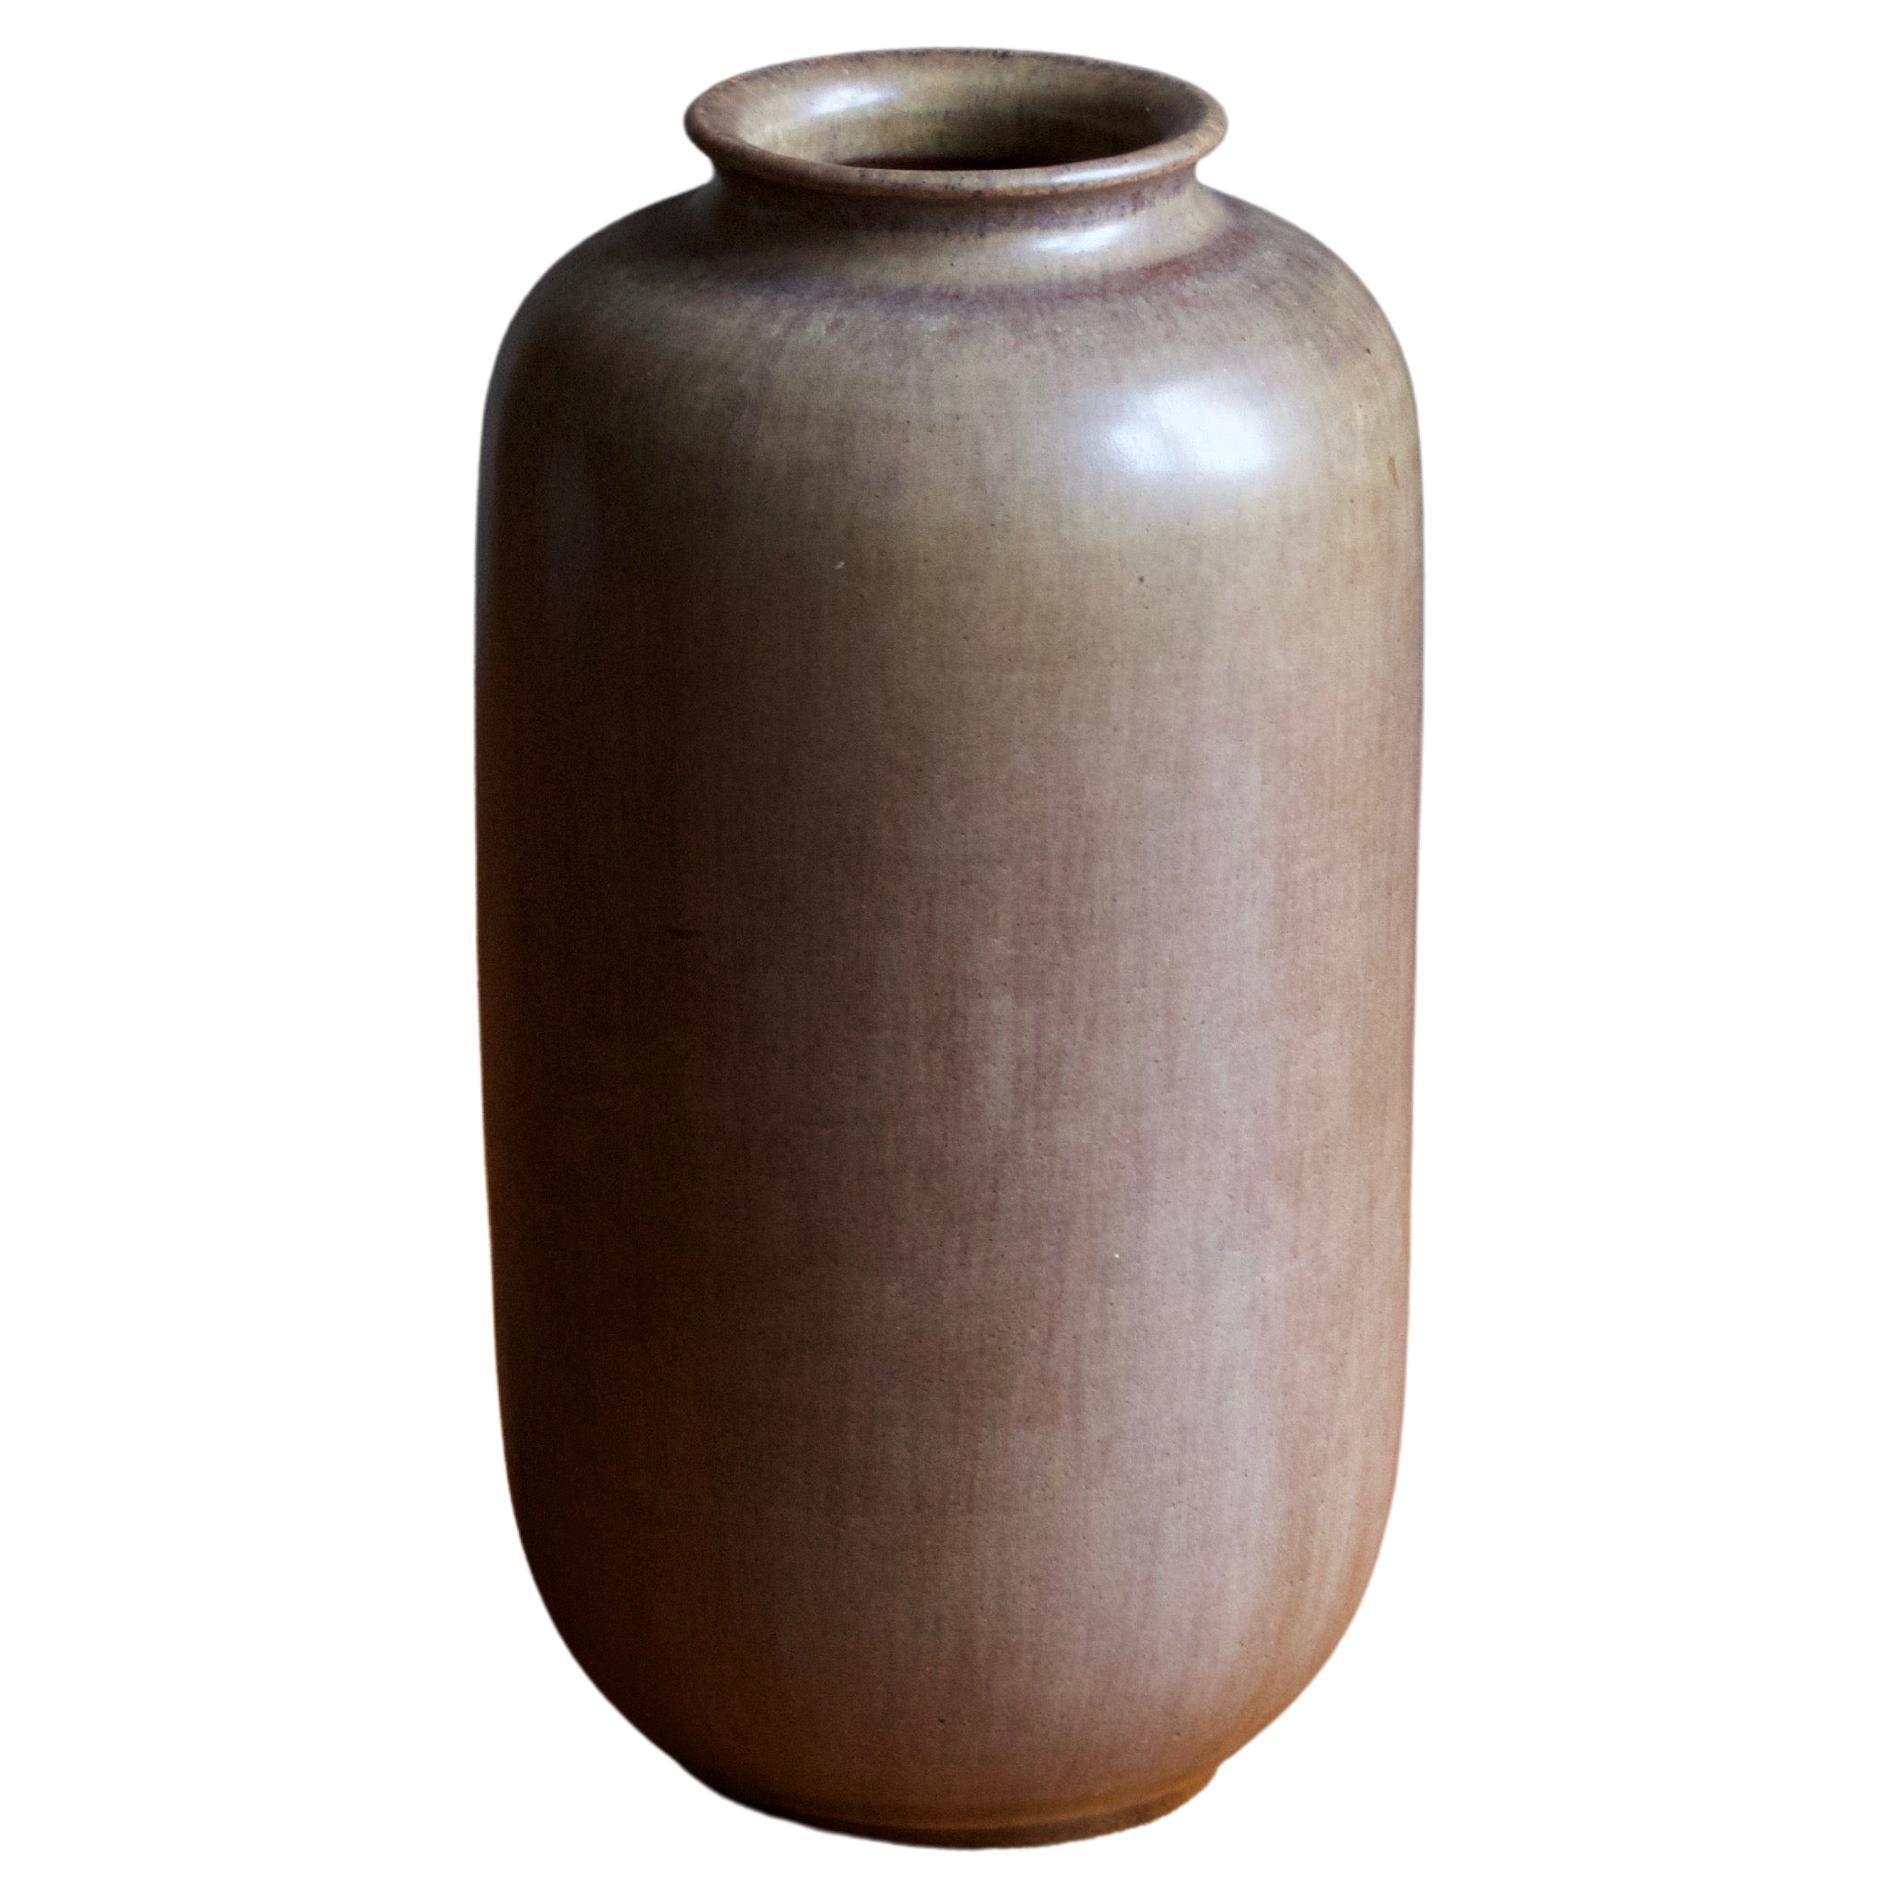 Höganäs Keramik, Vase, Brown Glazed Stoneware, Sweden, 1960s